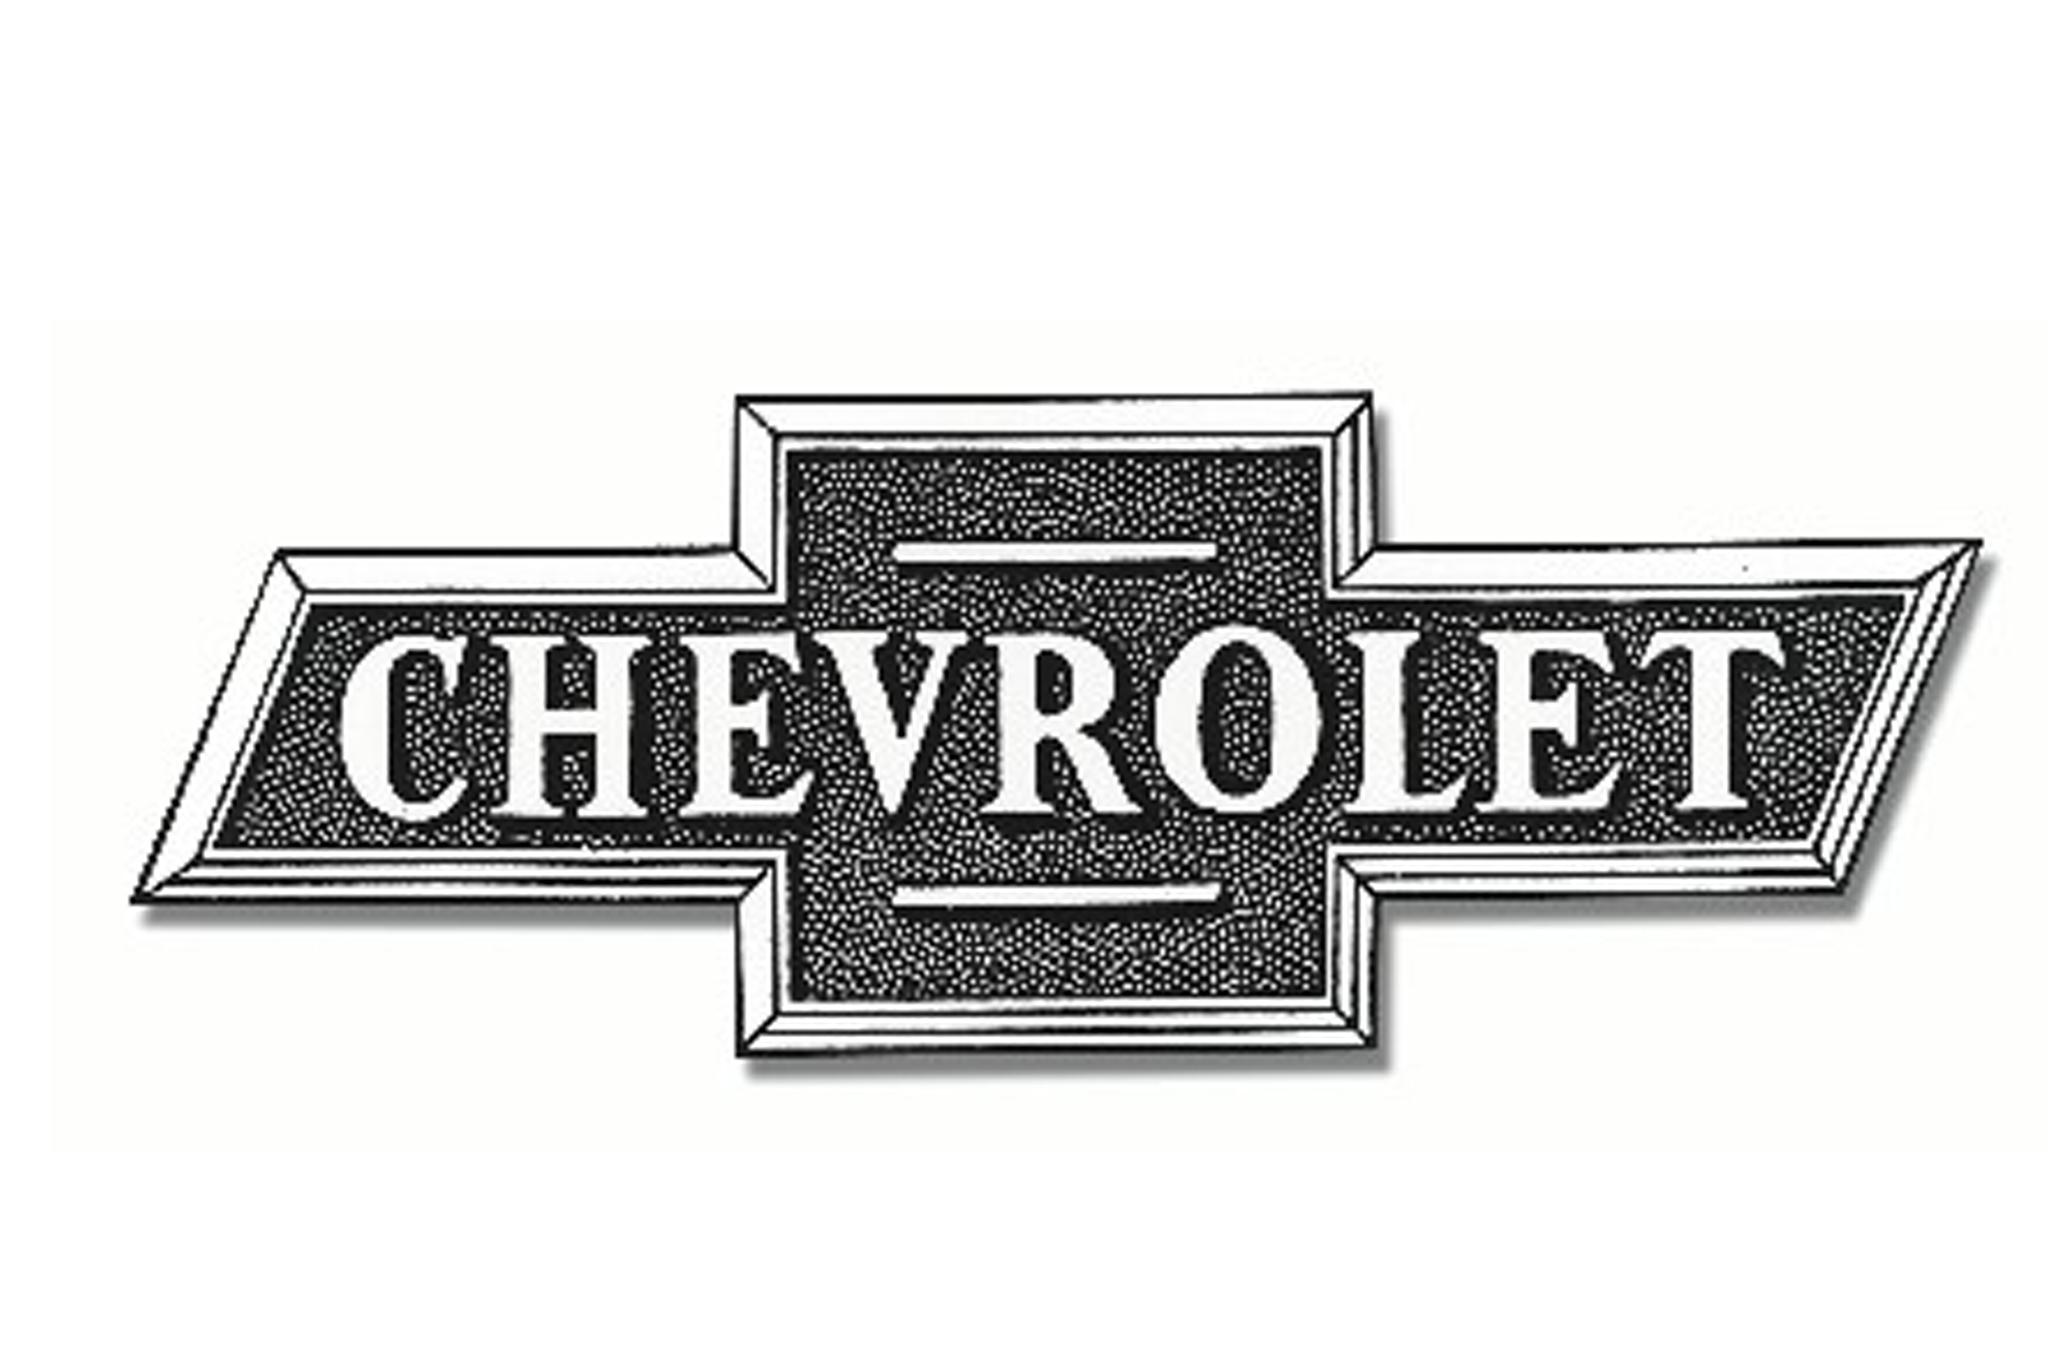 Chevy Bowtie Emblem Stencil Chevrolet Bowtie Wallp...